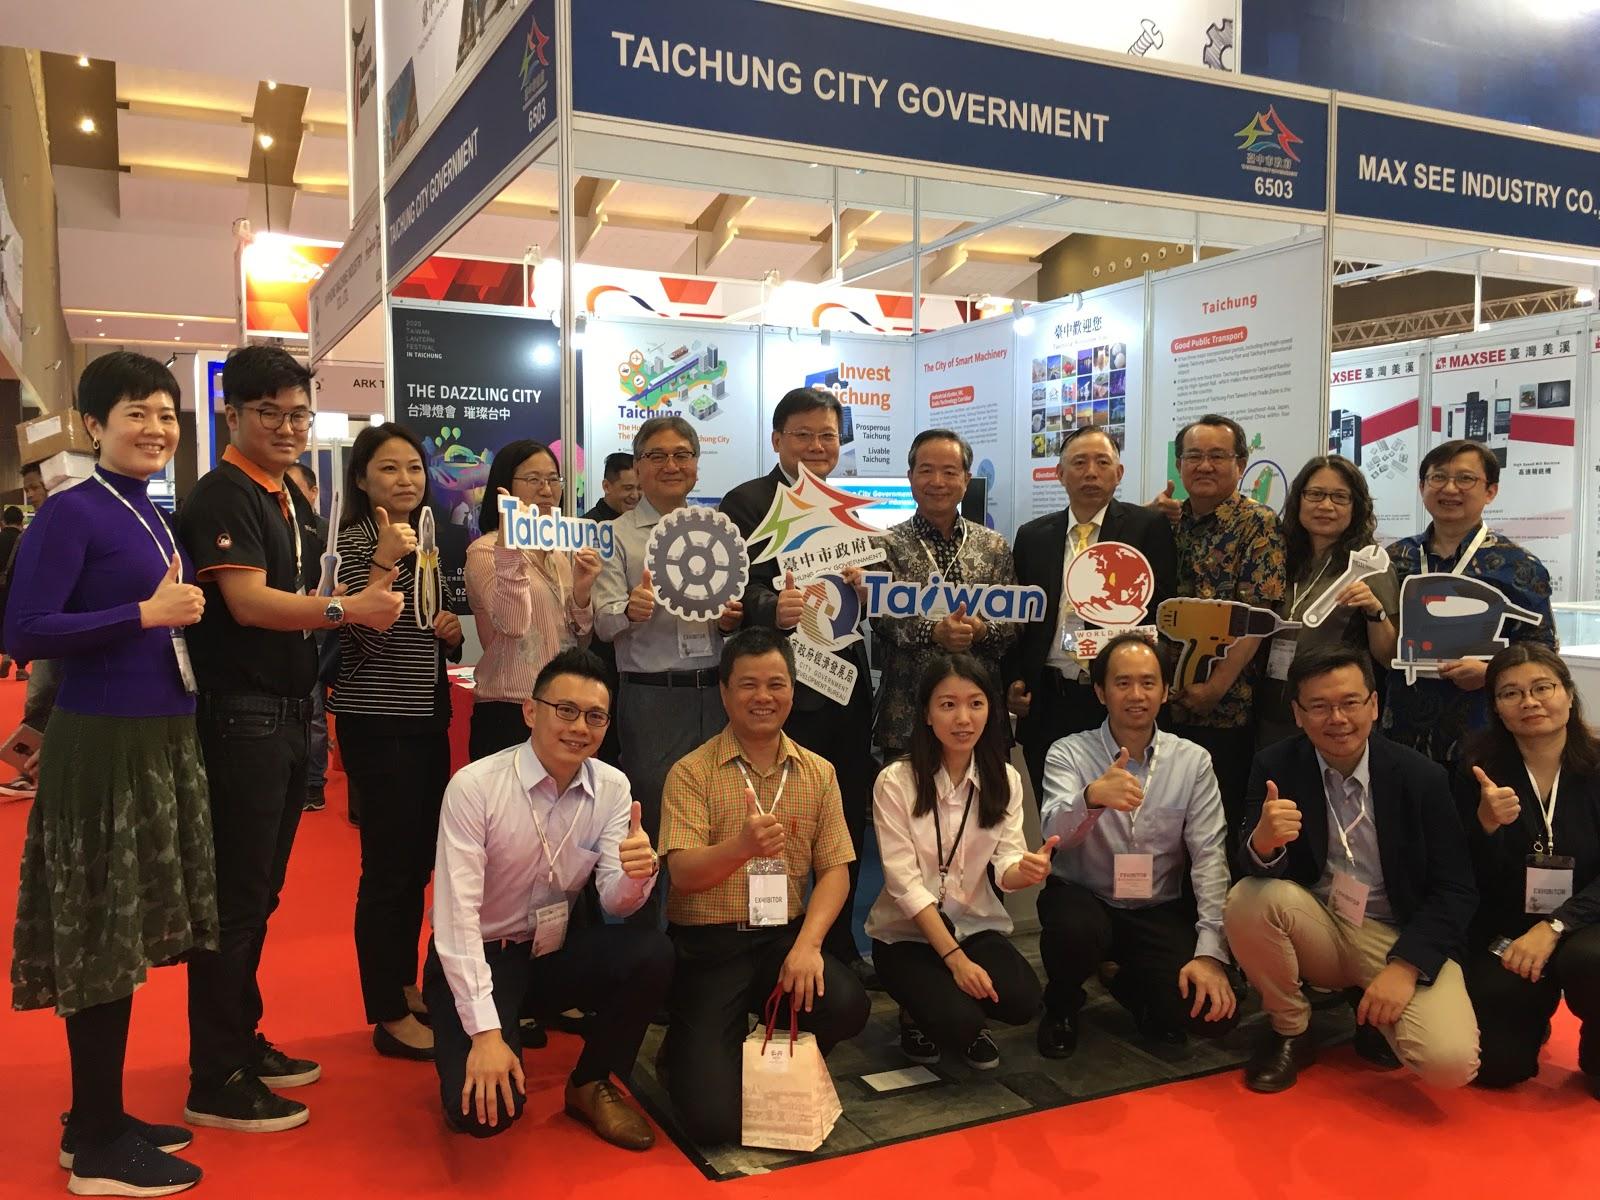 中市府率手工具產業前進印尼 拚國際訂單同迎2020臺灣燈會